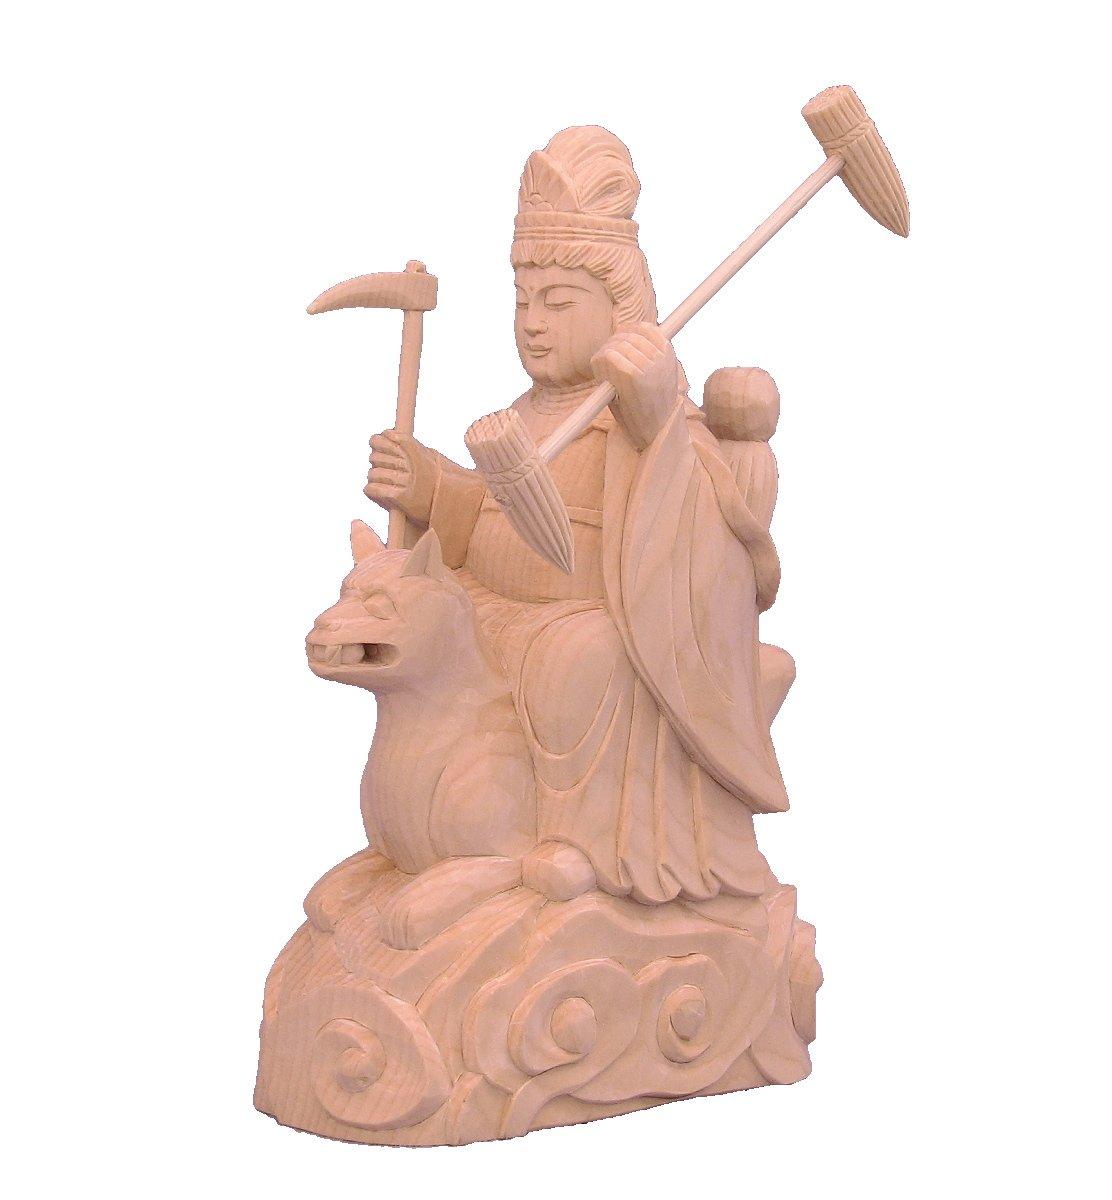 木彫仏像 稲荷大明神 騎狐像 総高15cm 桧木 B078XSQ9WZ